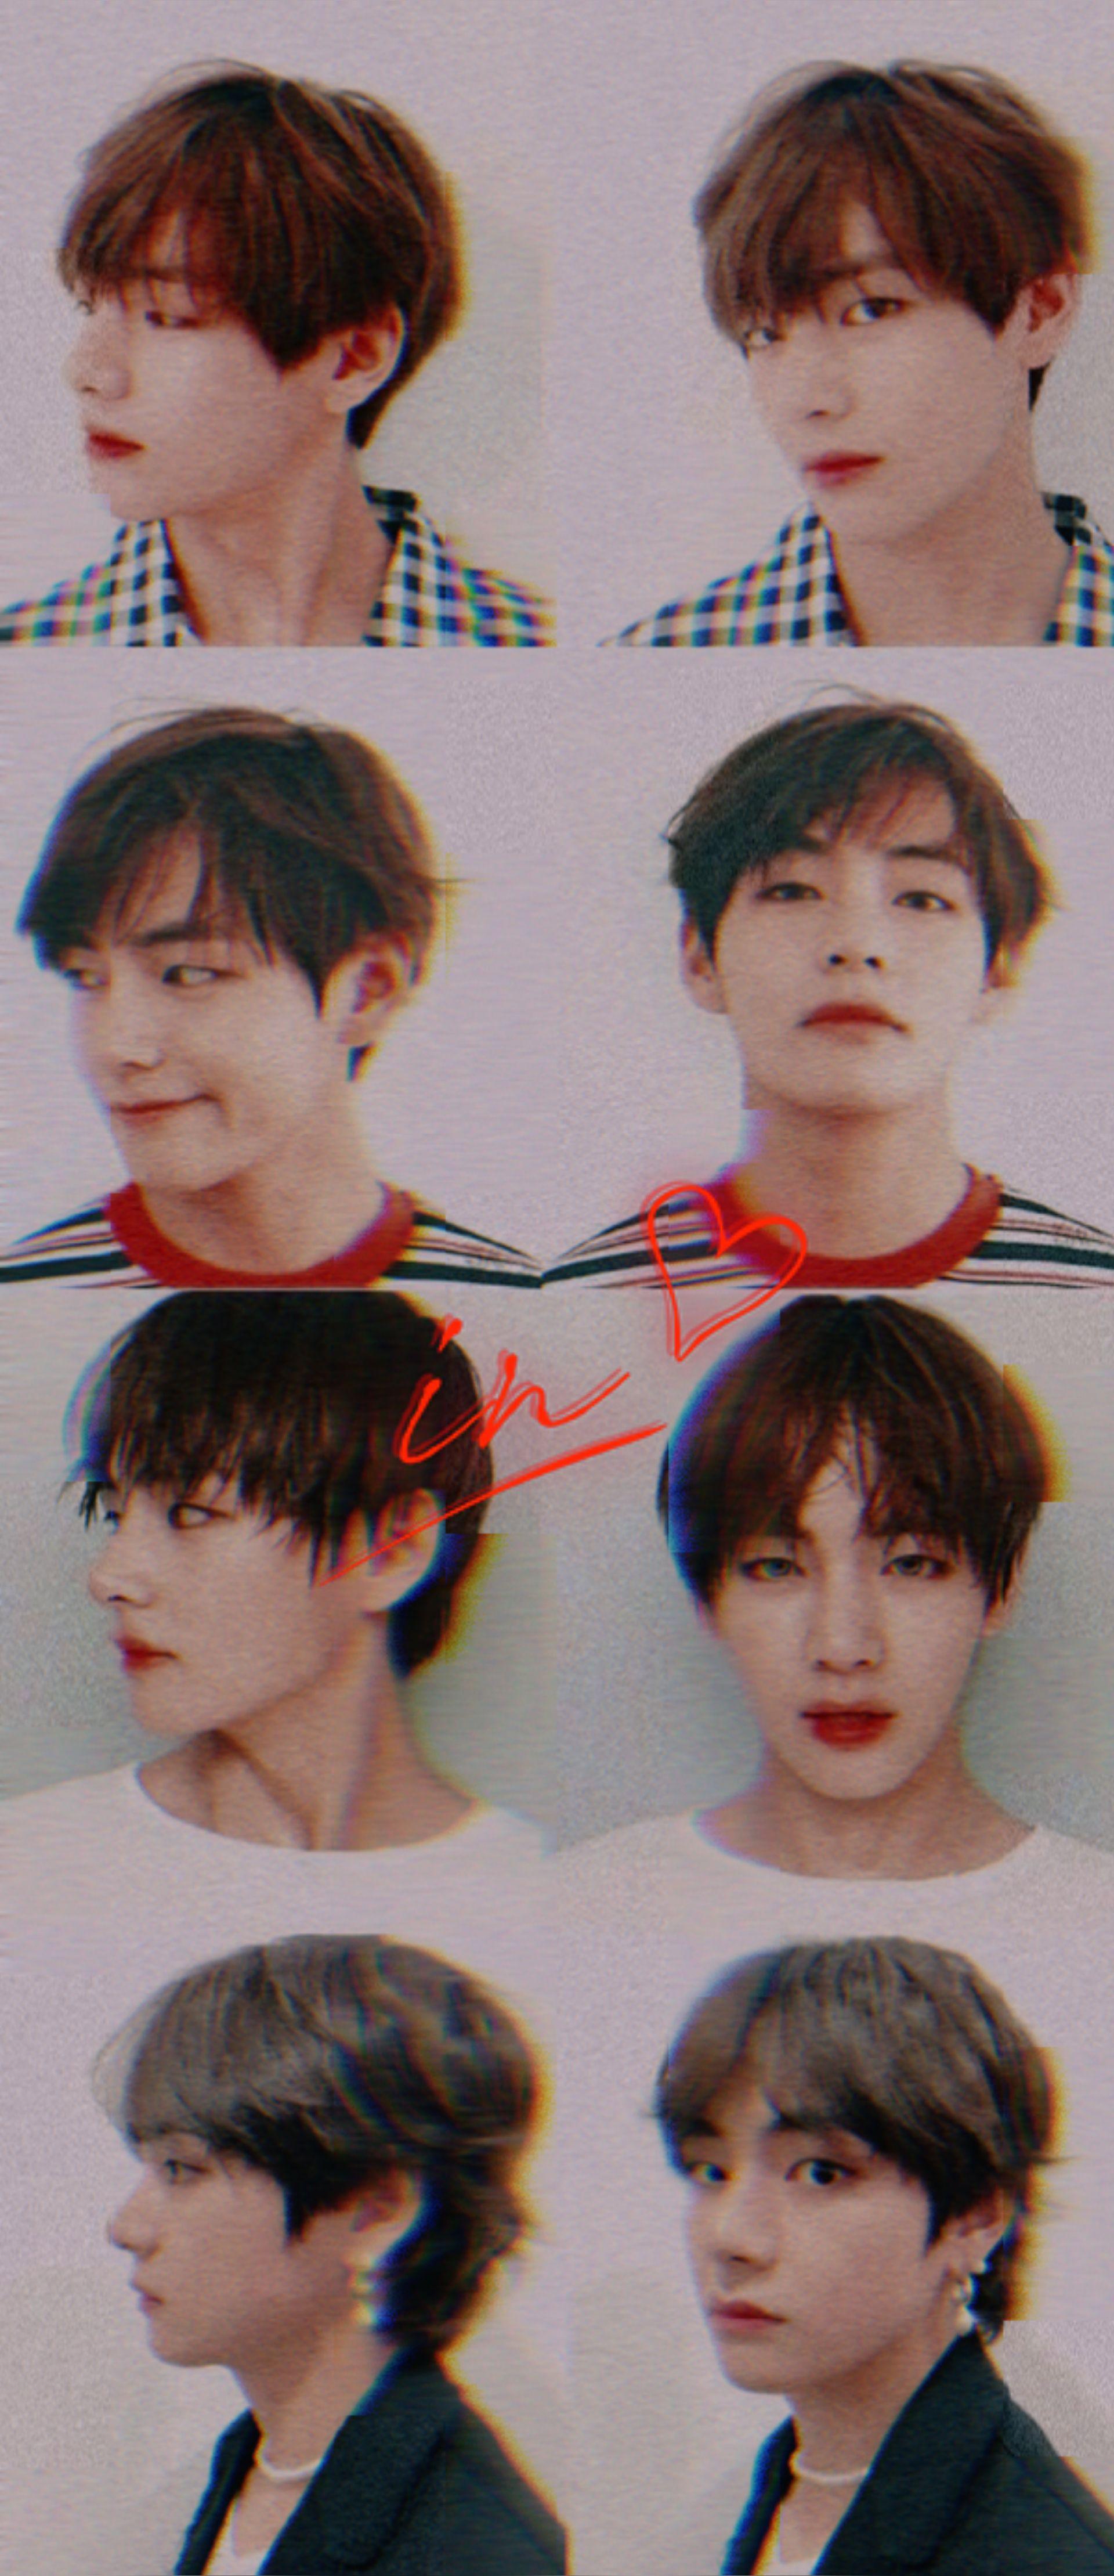 Kim Taehyung V Bts Gambar Bayi Lucu Gambar Gambar Bayi Gambar v bts cute wallpaper